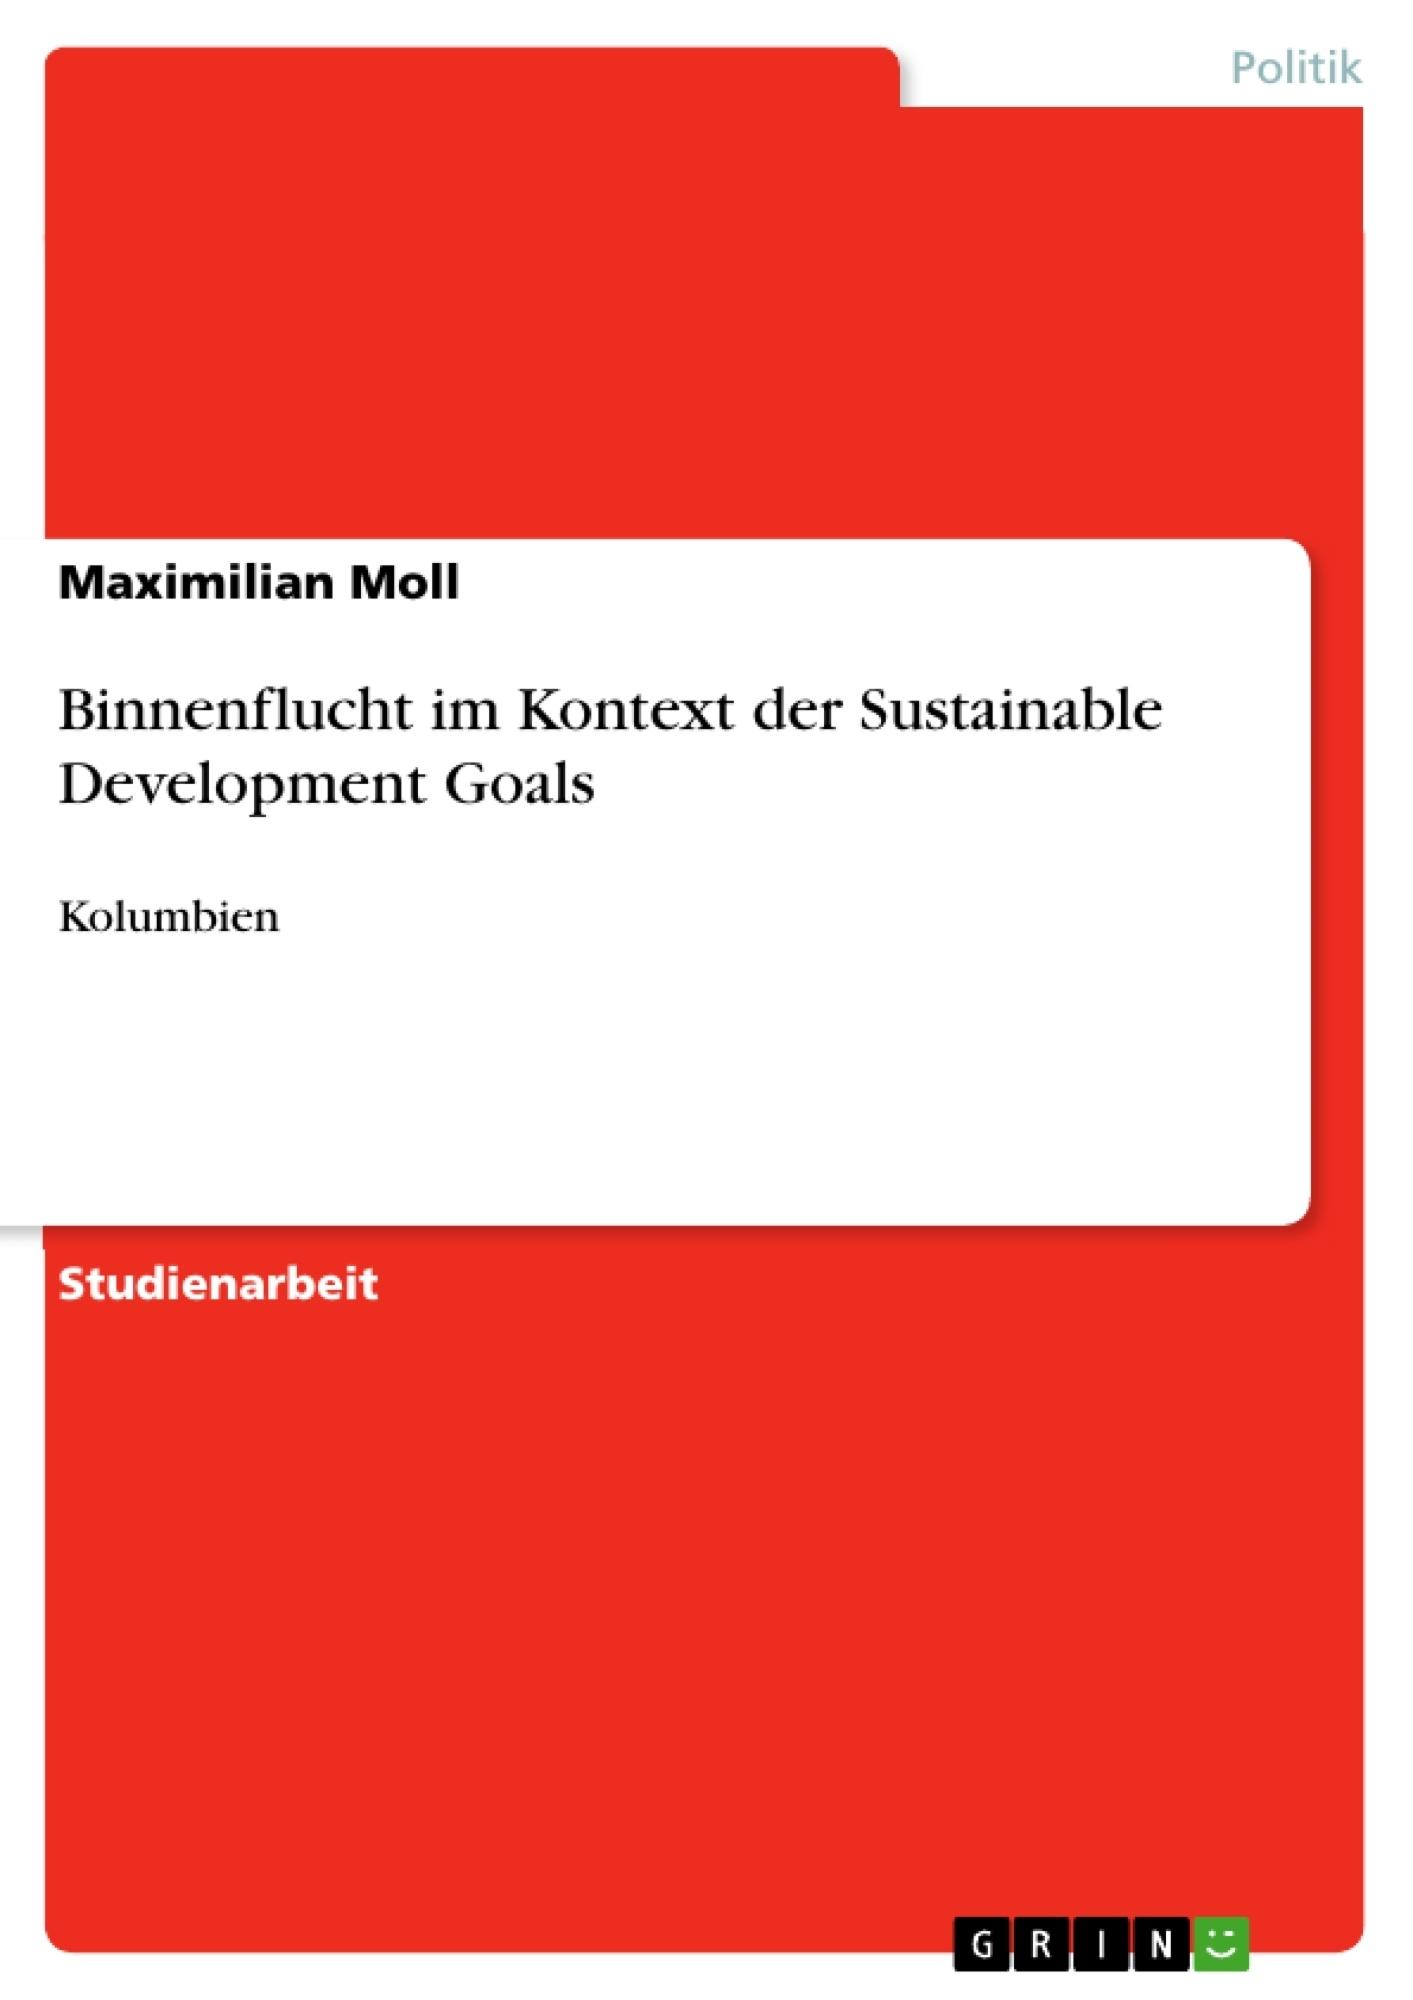 Titel: Binnenflucht im Kontext der Sustainable Development Goals